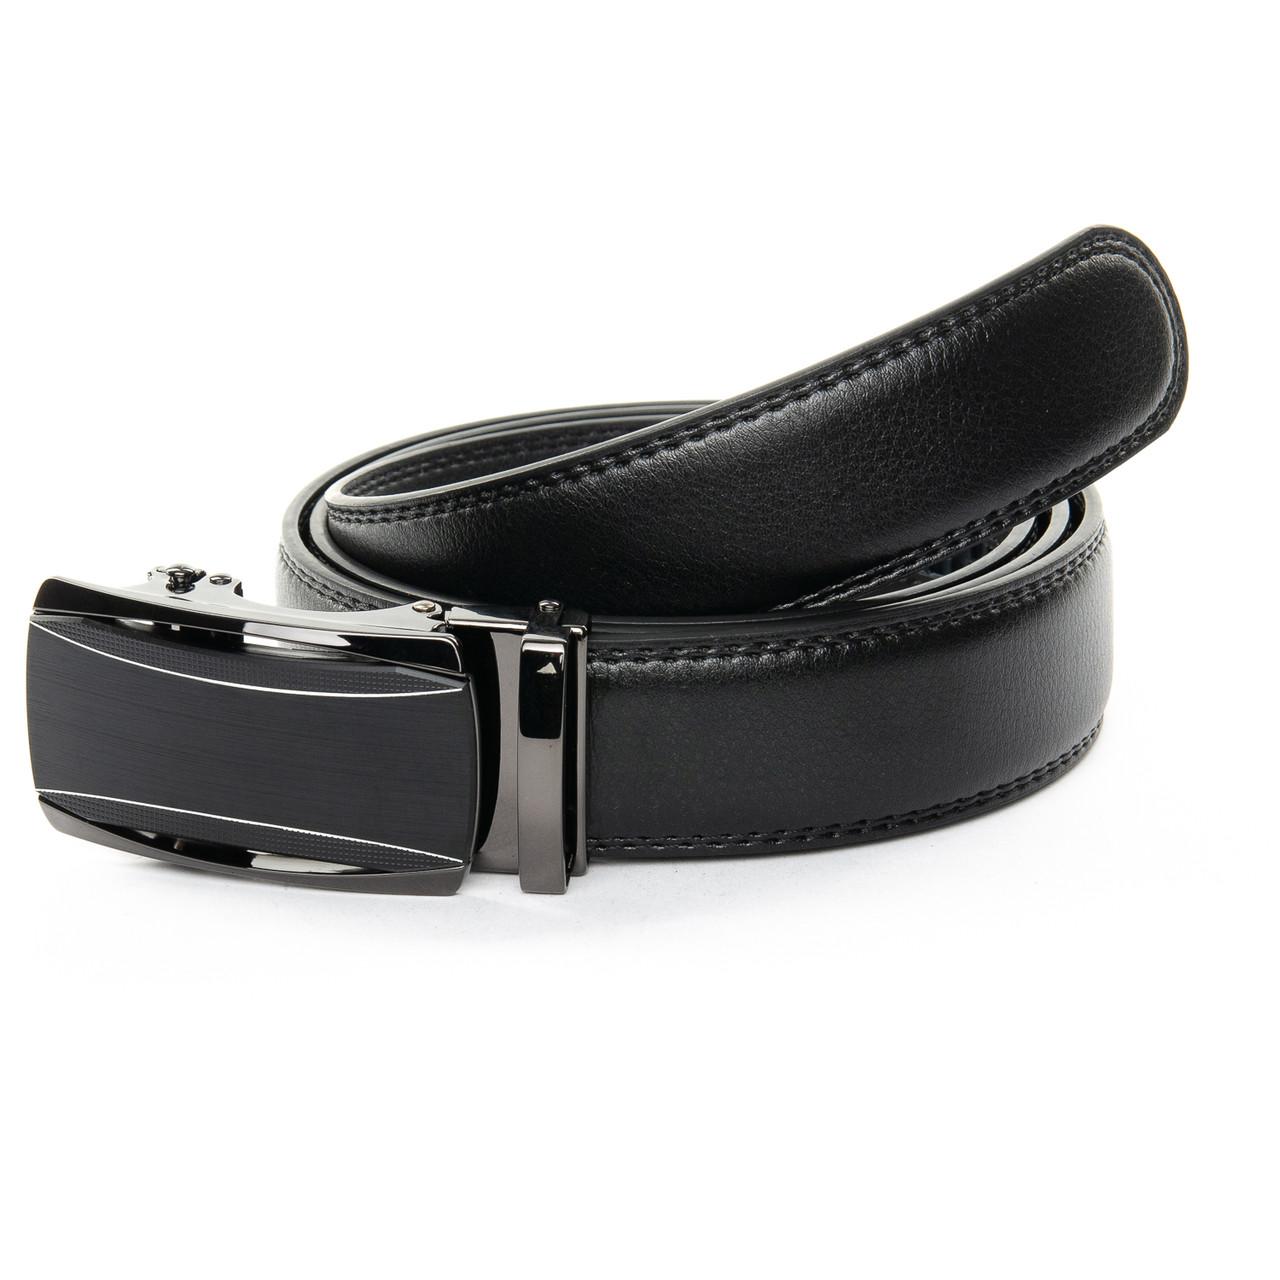 """Кожаный мужской ремень для брюк с пряжкой """"Автомат"""" 120 см D36-7316-1"""